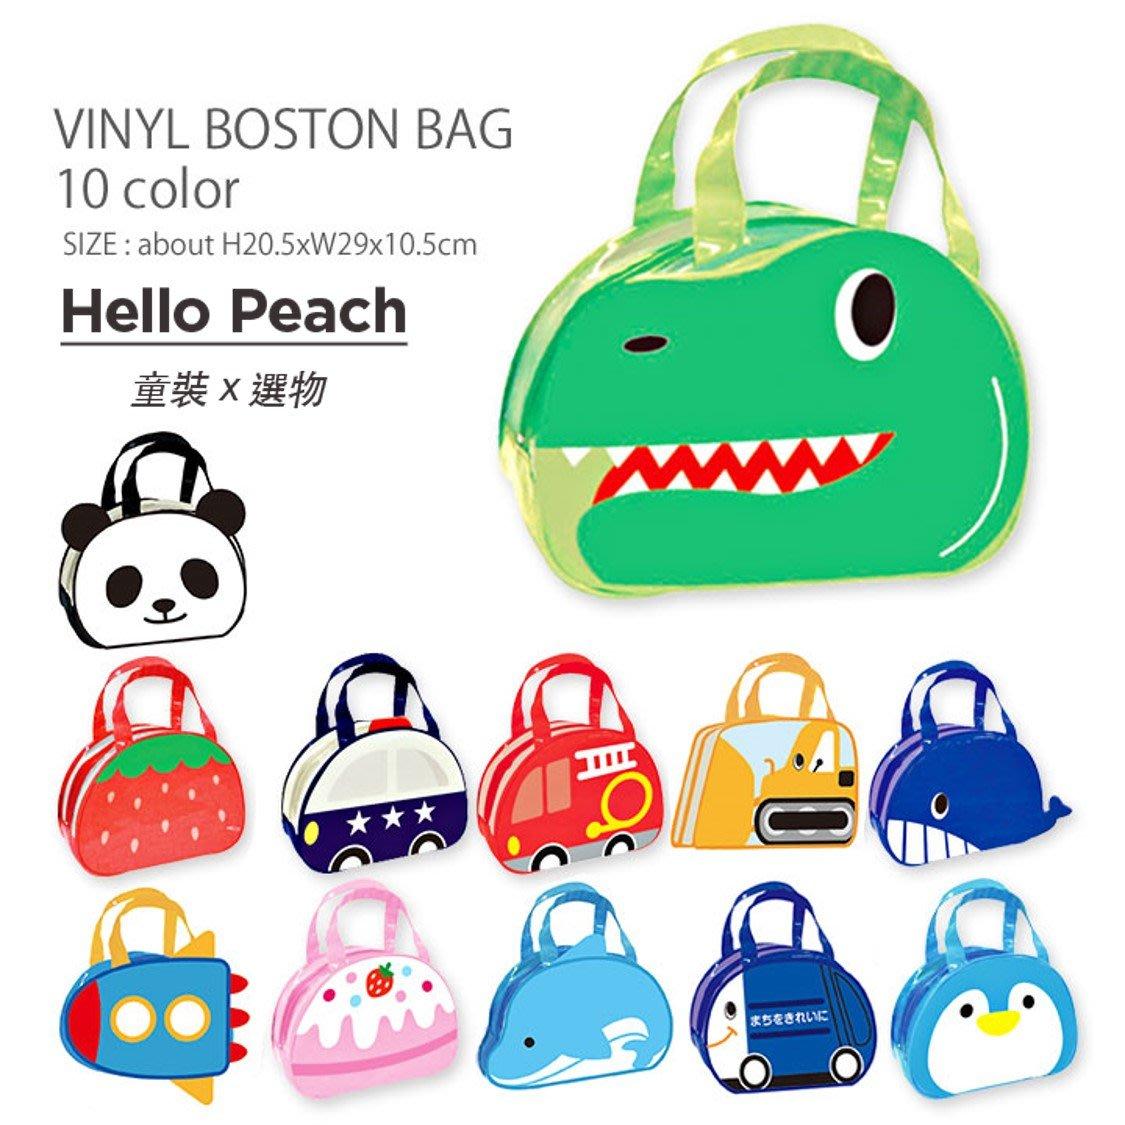 日本進口 童趣防水波士頓包 游泳包 餐袋 男童裝 女童裝 Hello Peach